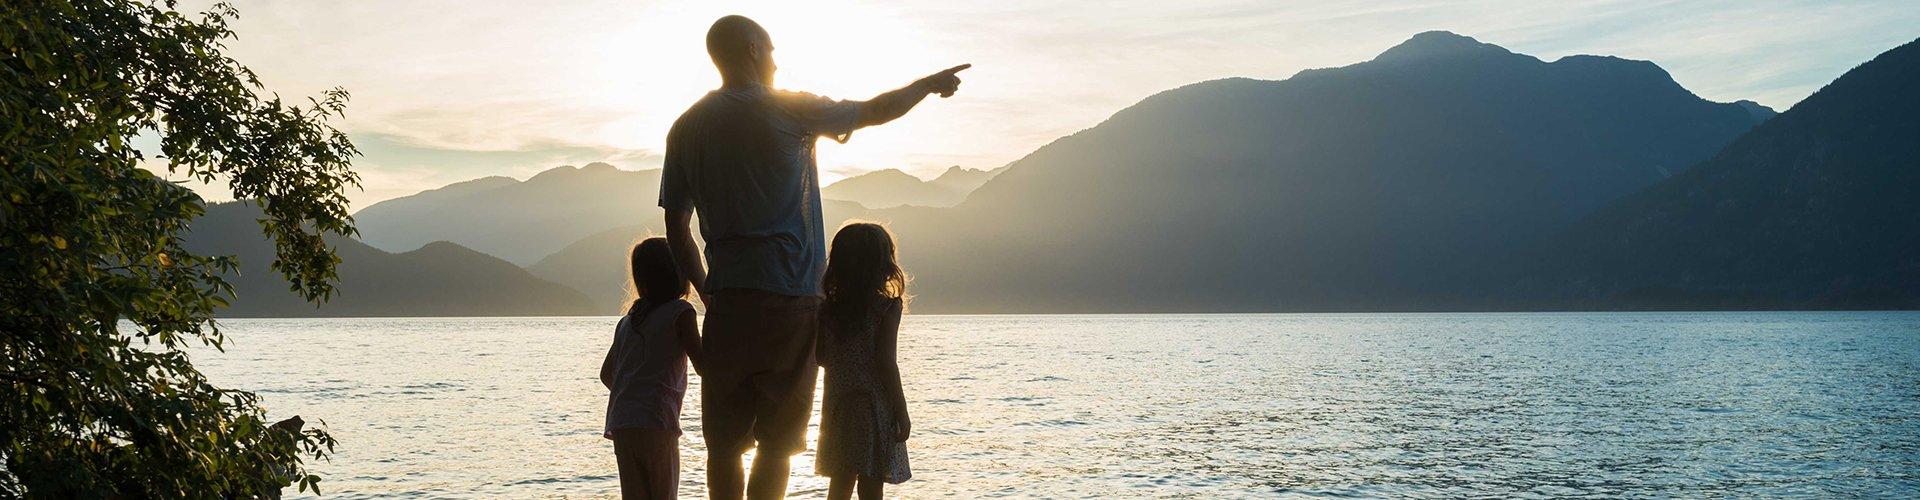 Familienurlaub am Strand oder in den Bergen?